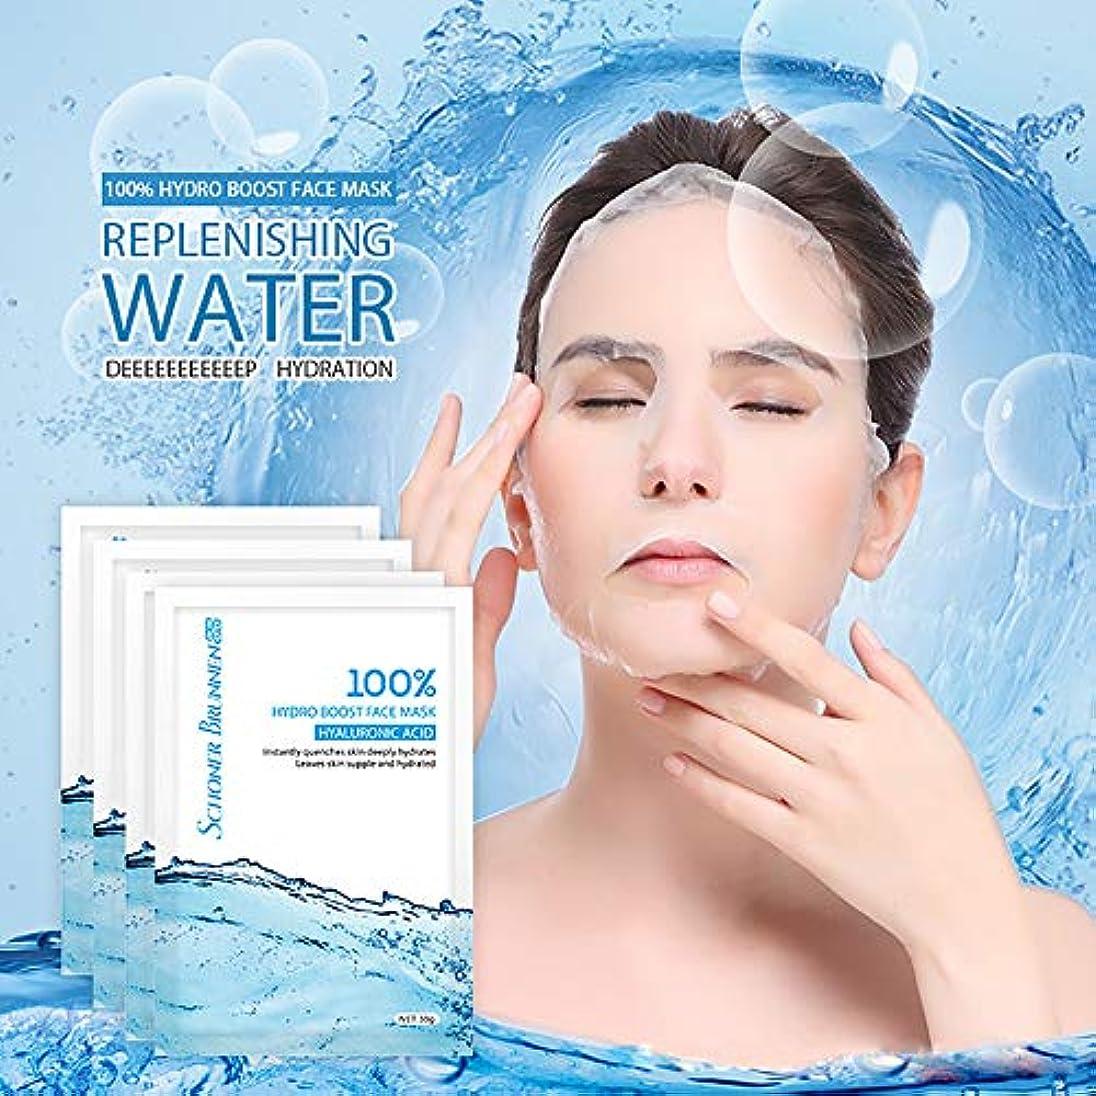 羨望検証影響を受けやすいですヒアルロン酸の本質の保湿の顔の表面、ハイドロ保湿の顔のマスク、顔の皮のさわやかなマスクシート